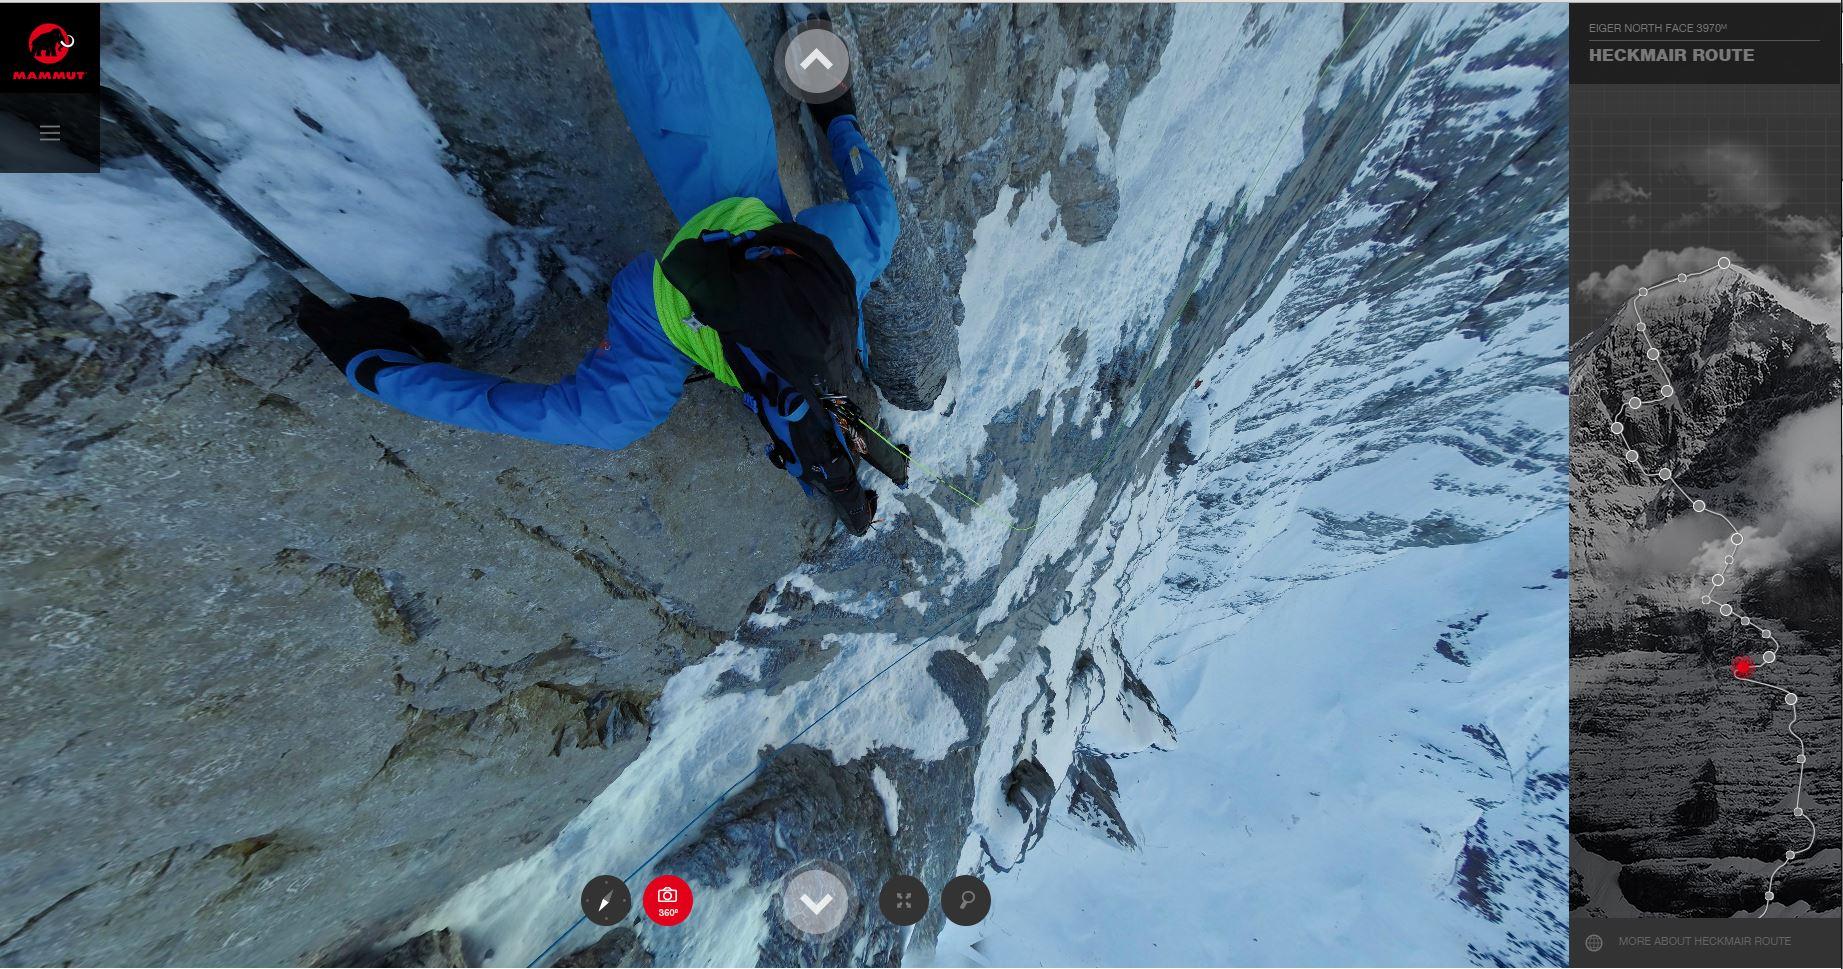 Eiger Nordwand: Mammuts #project360 vermittelt die Heggmair-Route lebensnah. (Bild: Mammut)